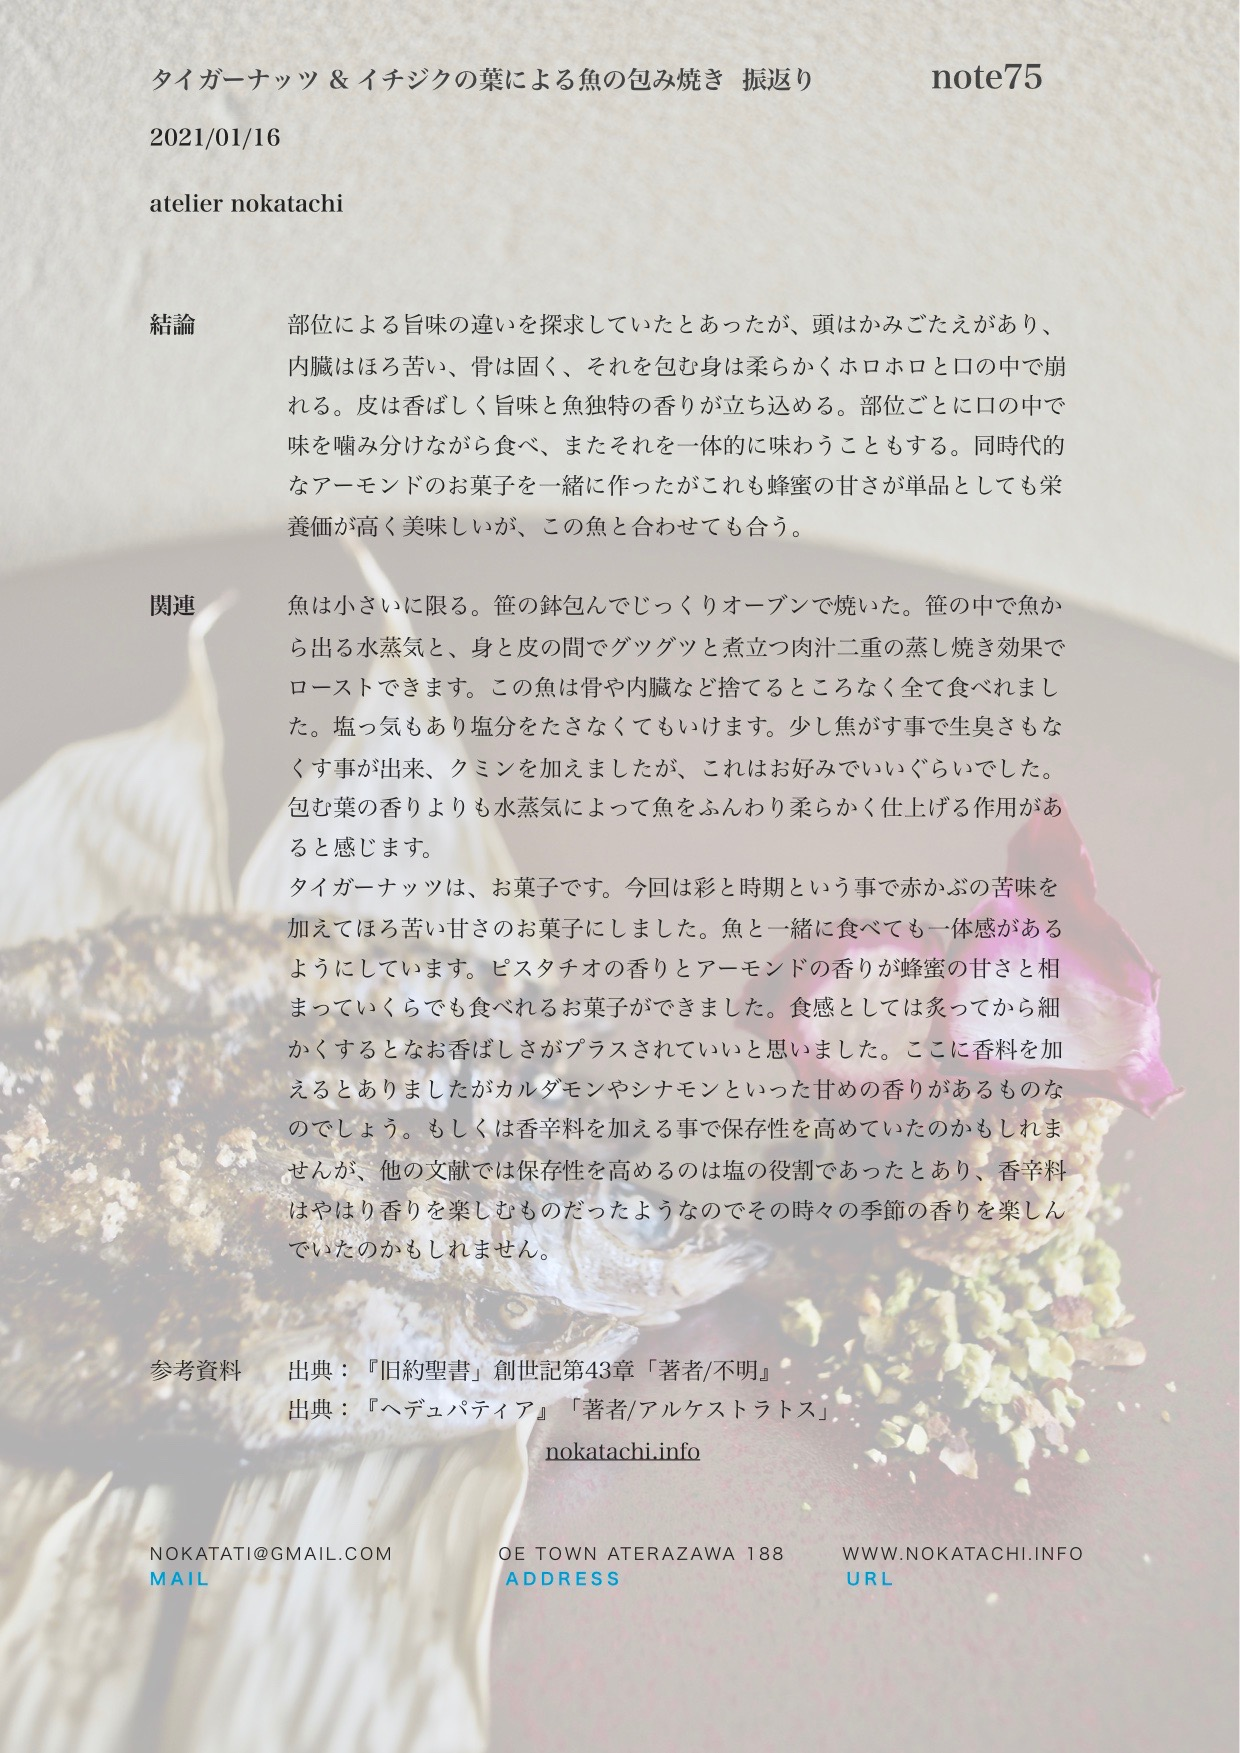 【レポート】タイガーナッツと魚の包み焼き 振り返り